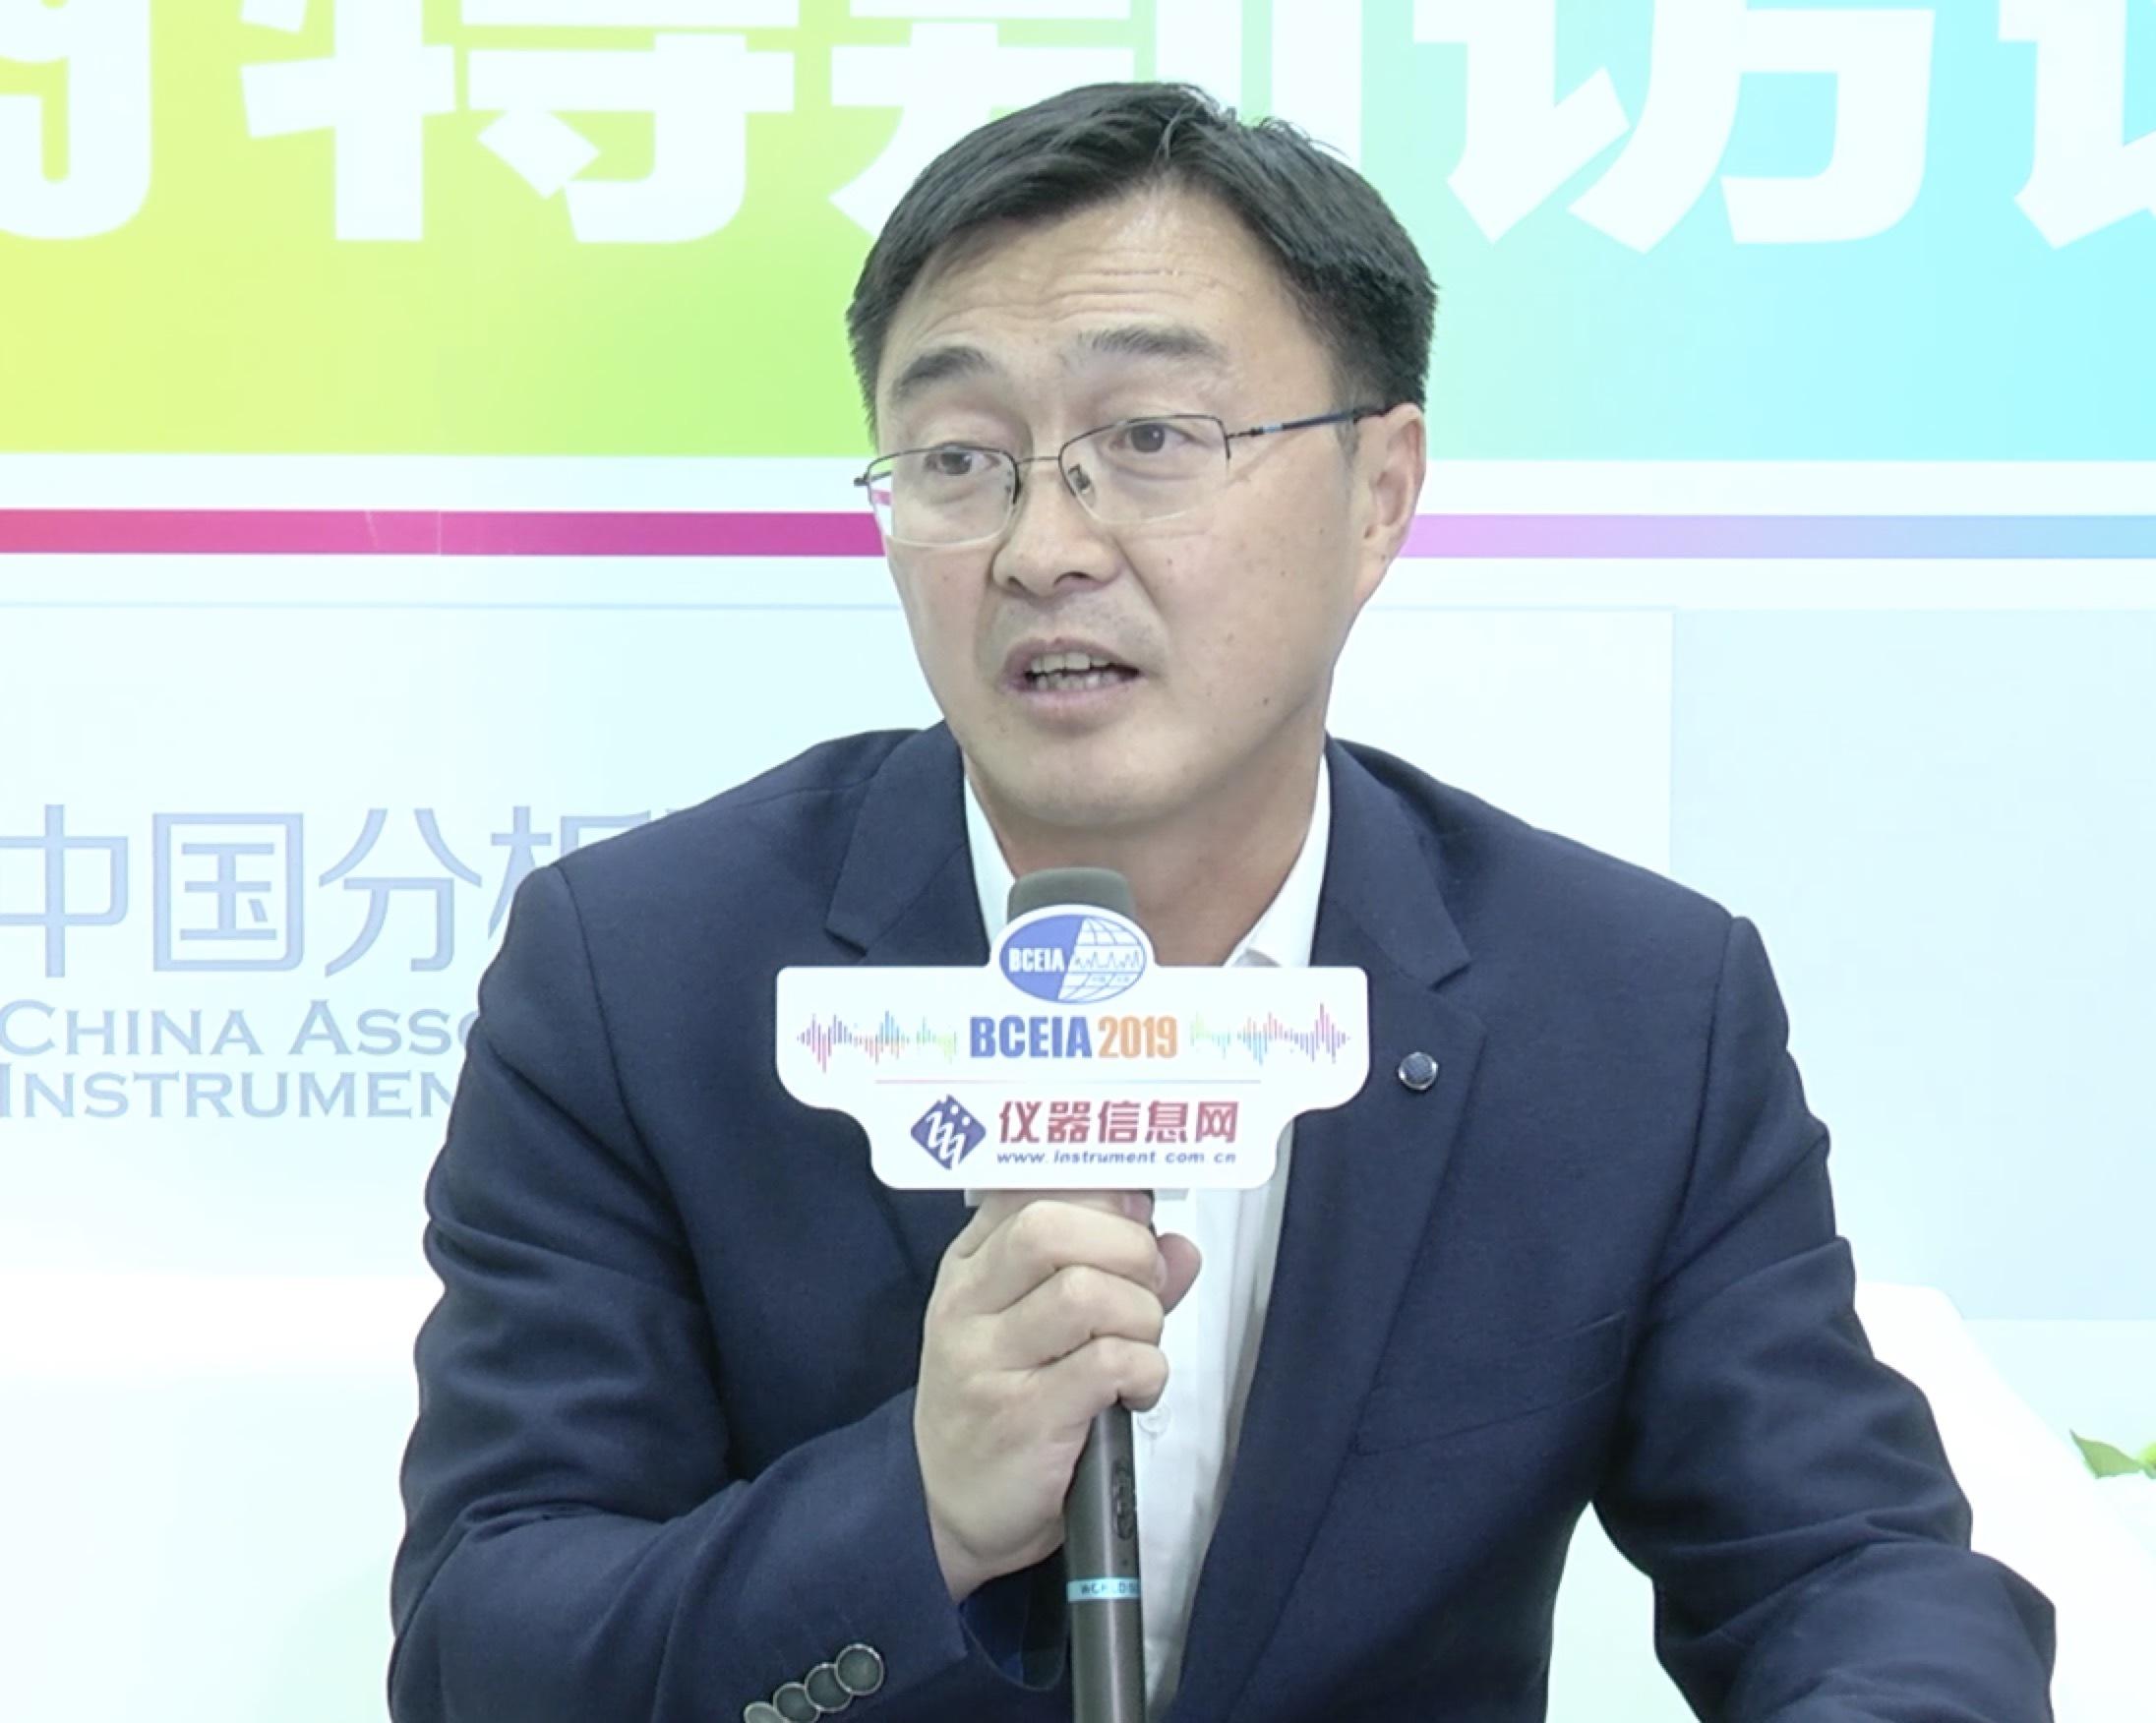 国内国外市场两手抓――访北京格瑞德曼仪器设备有限公司总经理杜平